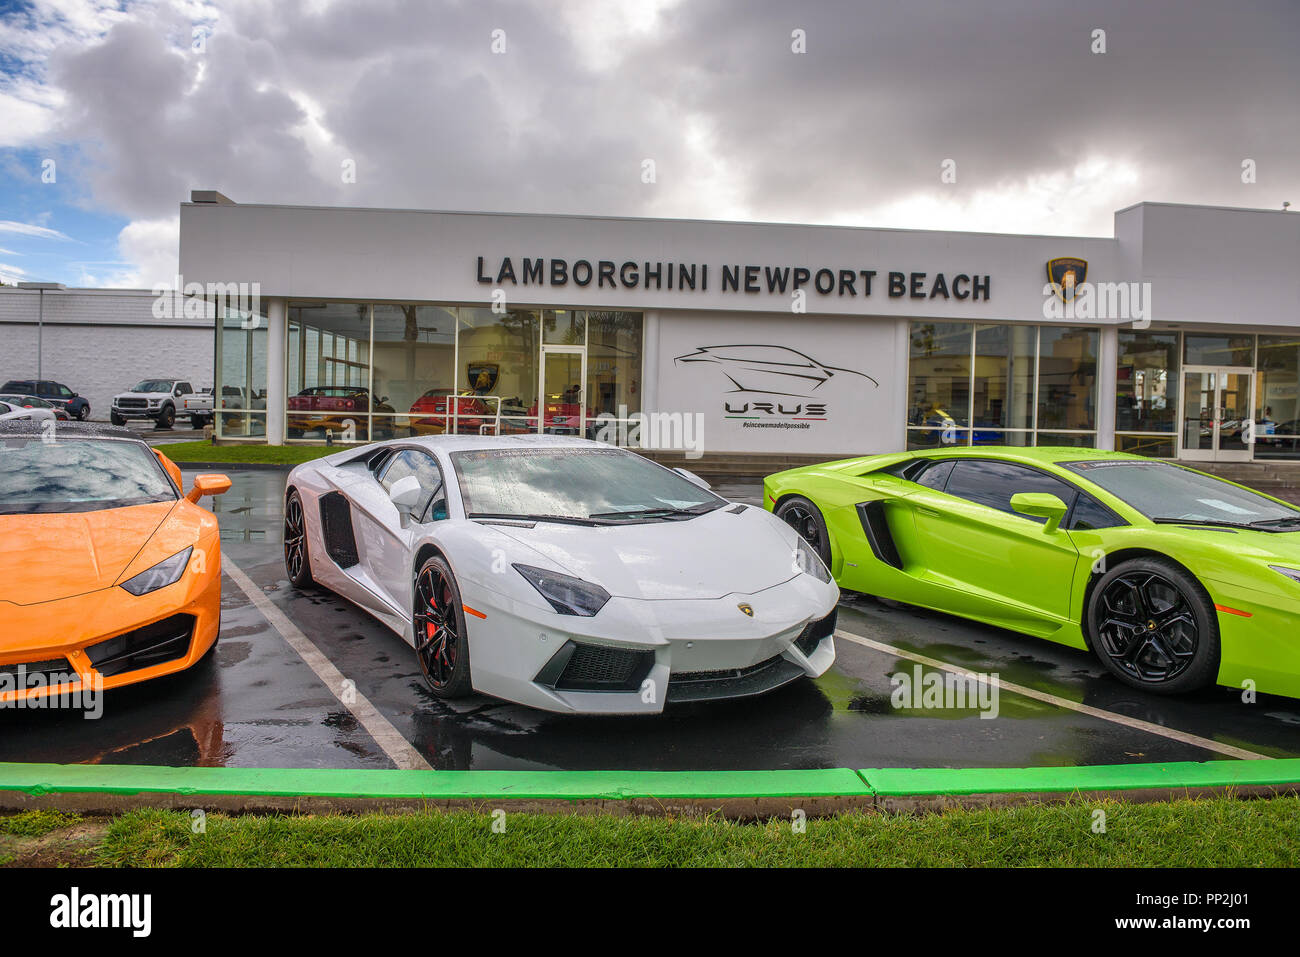 Newport Beach California Usa January 9 2018 Lamborghini Cars